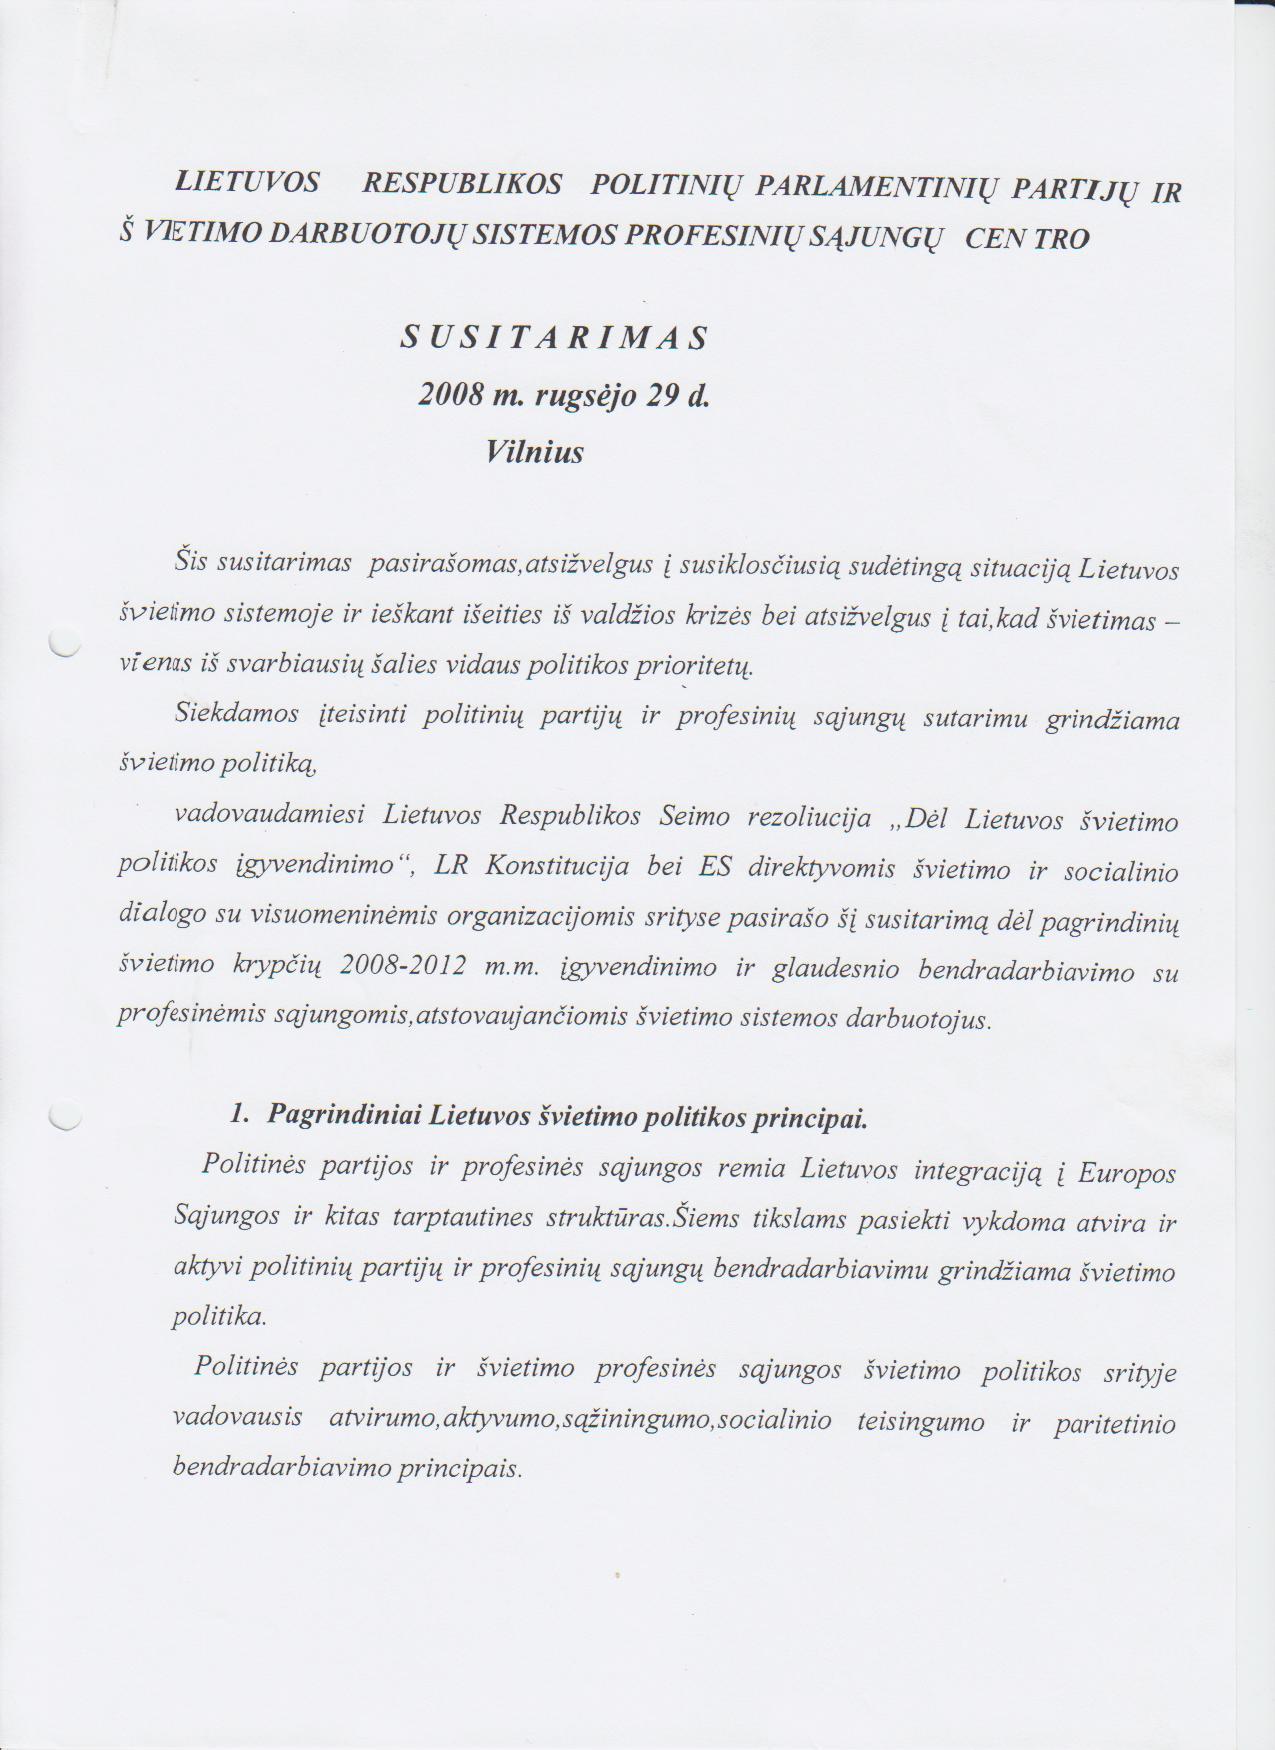 profesinių sąjungų politinė sistema